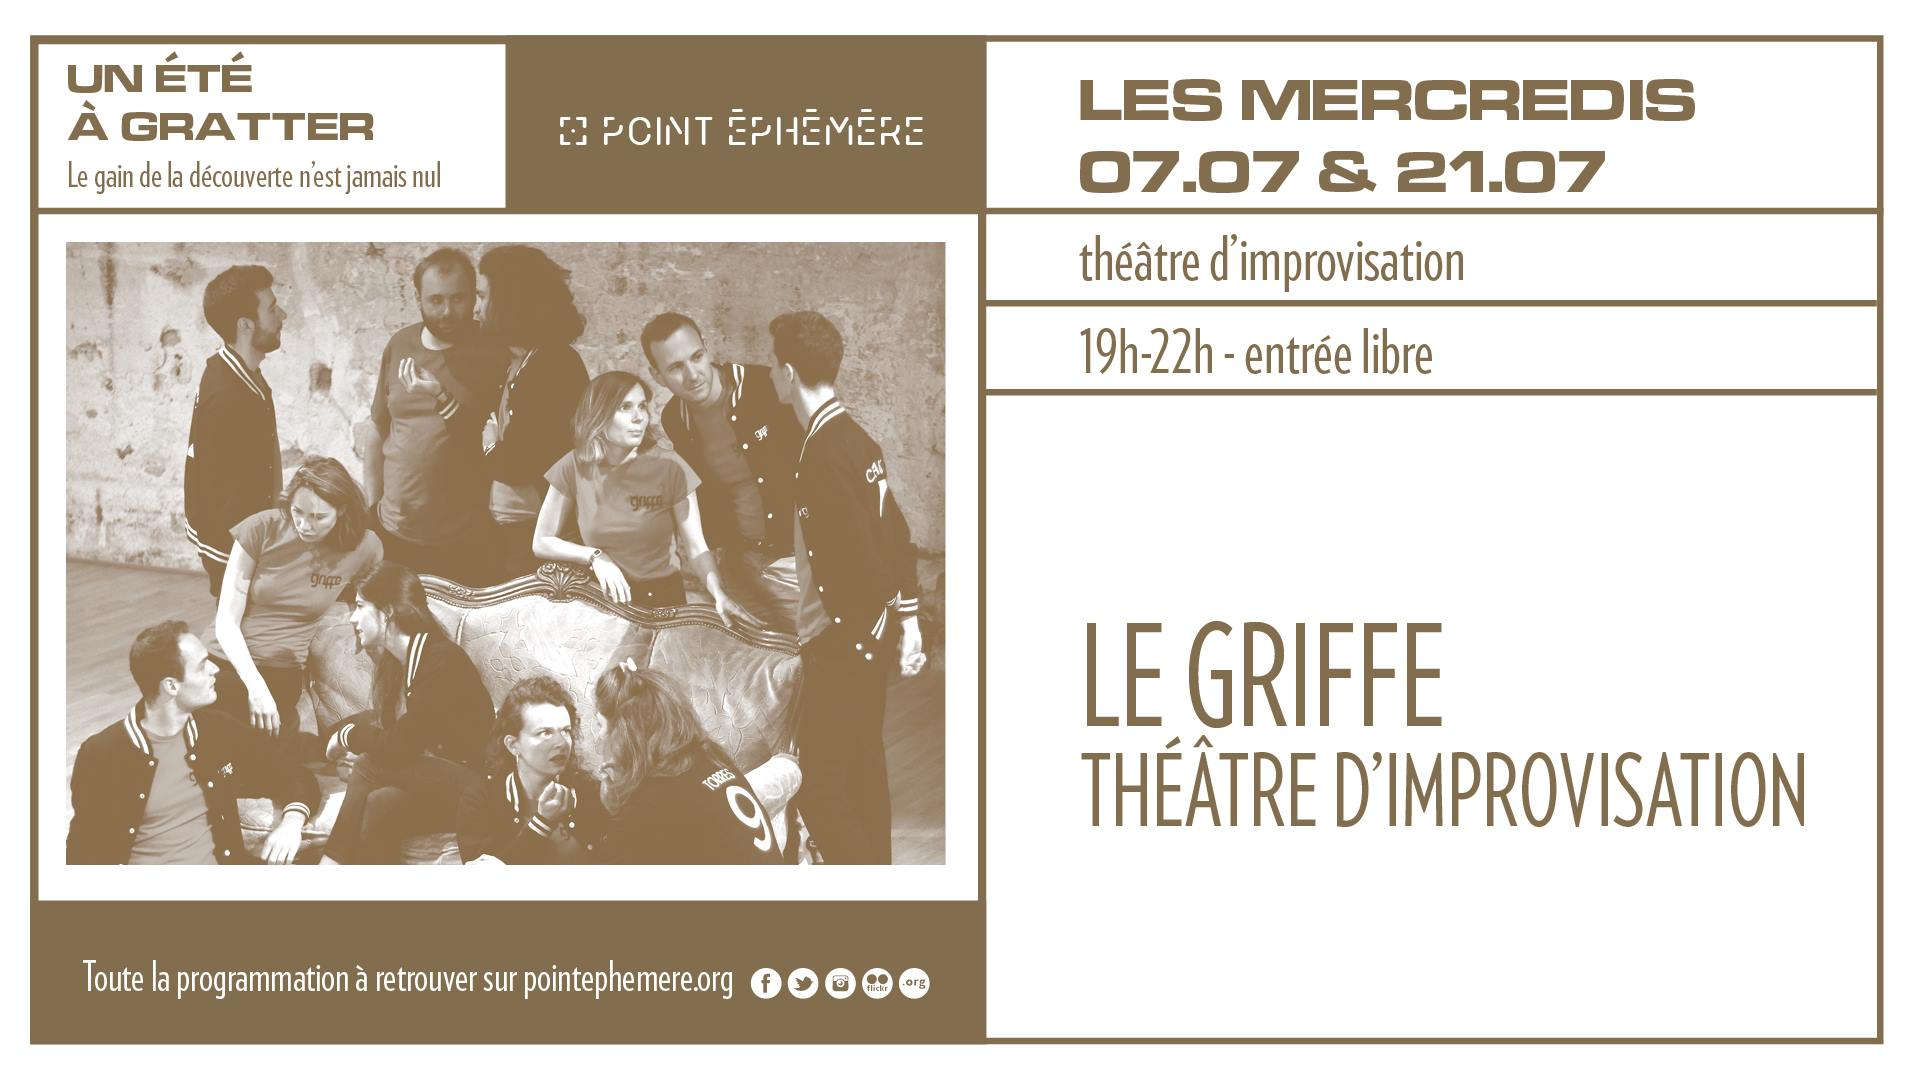 le Griffe, théâtre d'improvisation